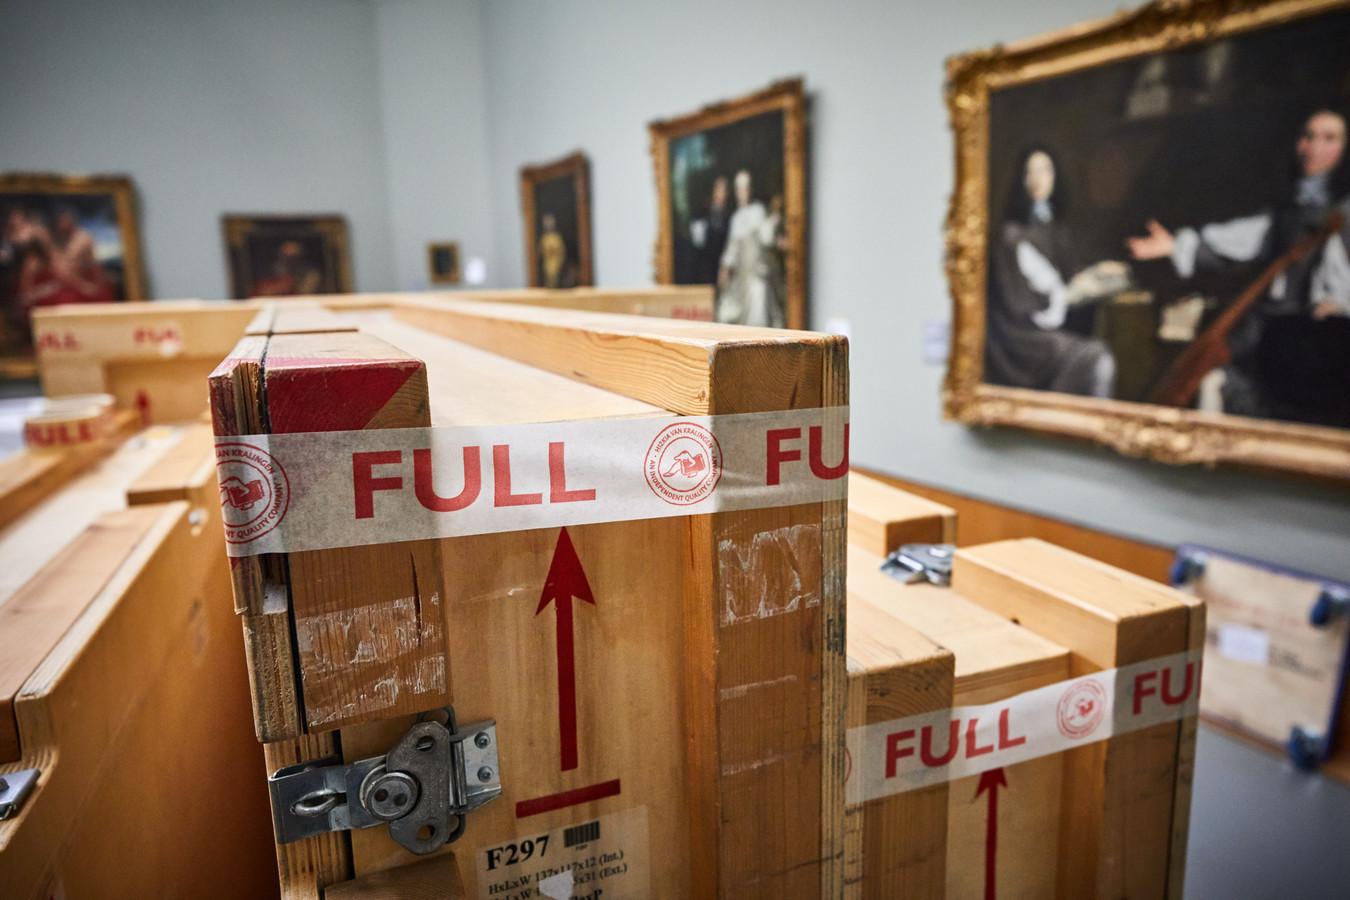 Ingepakte verhuiskisten staan klaar in een museumzaal.